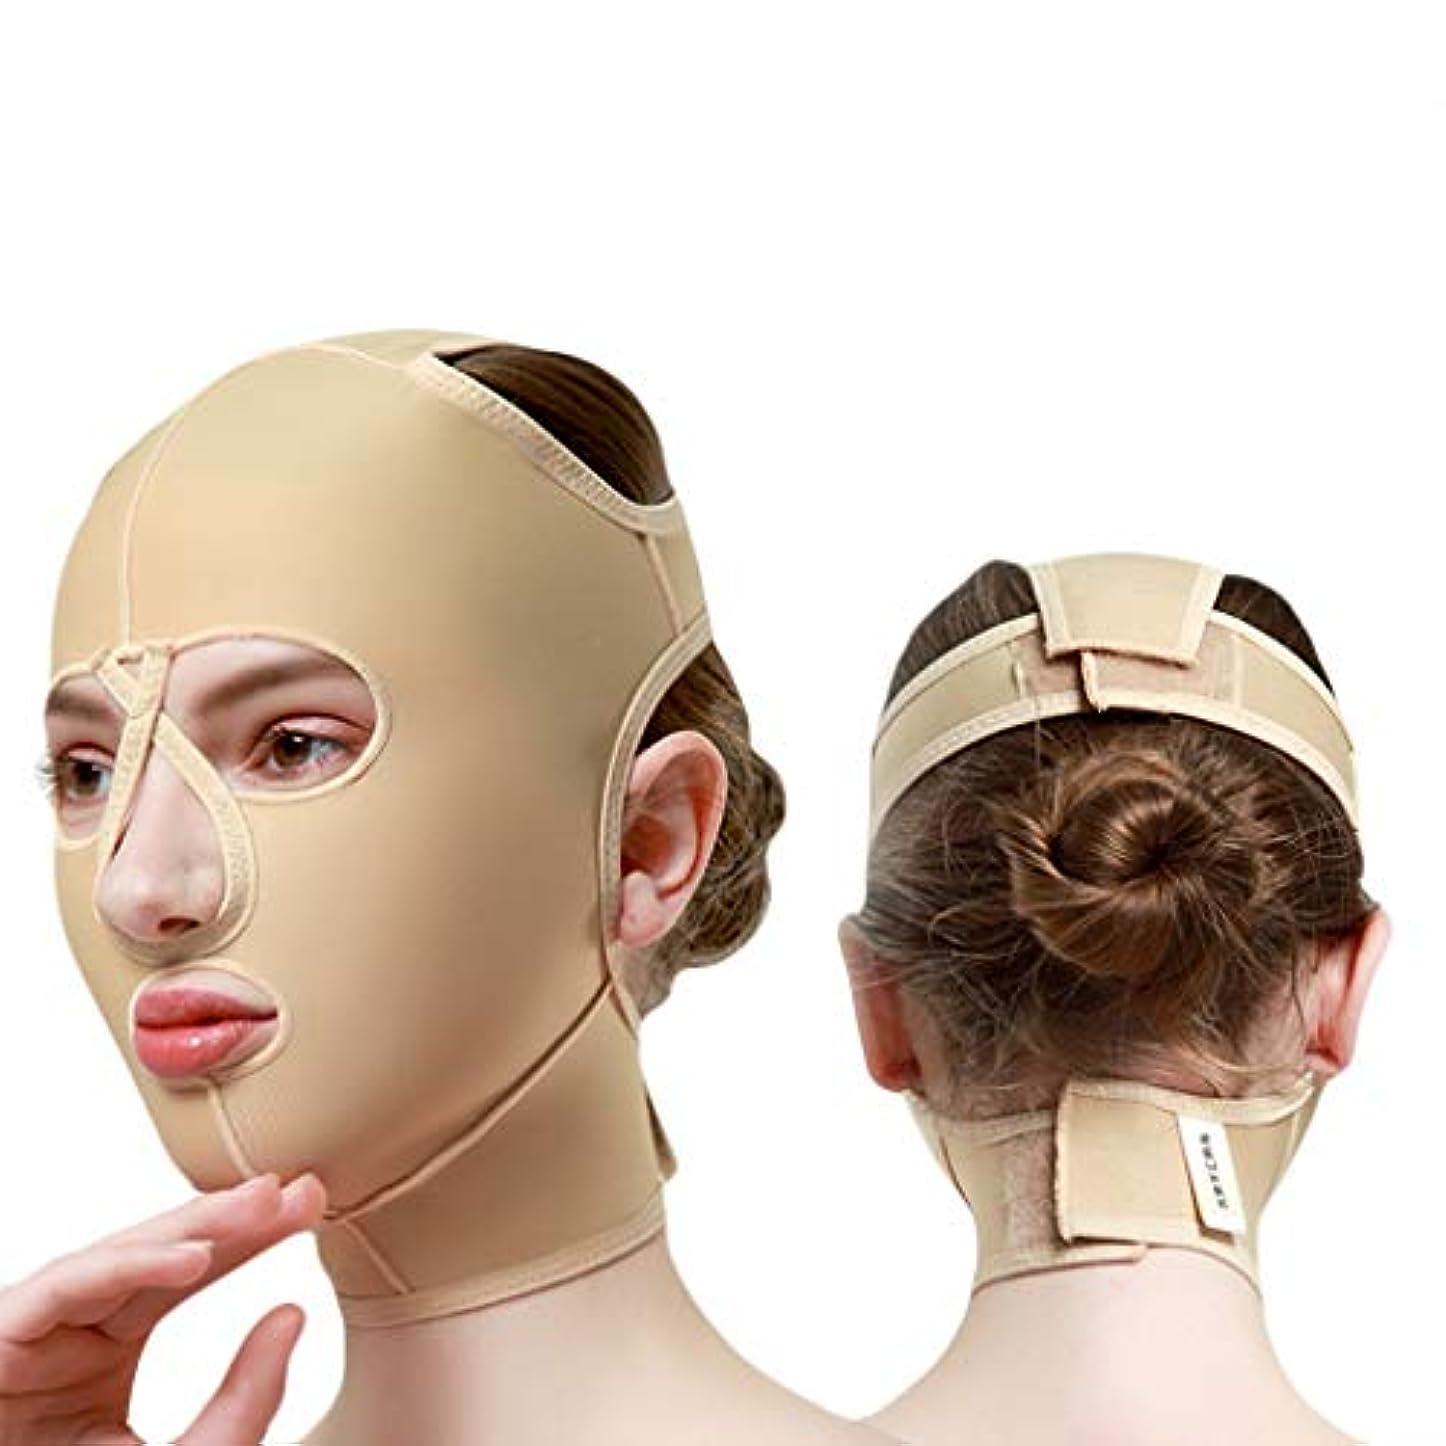 月曜宇宙船困惑したXHLMRMJ あごのストラップ、顔の彫刻ツール、リフティングマスク、ダブルチンリデューサー、フェイスリフティングエラスティックマスク女性 (Size : XL)